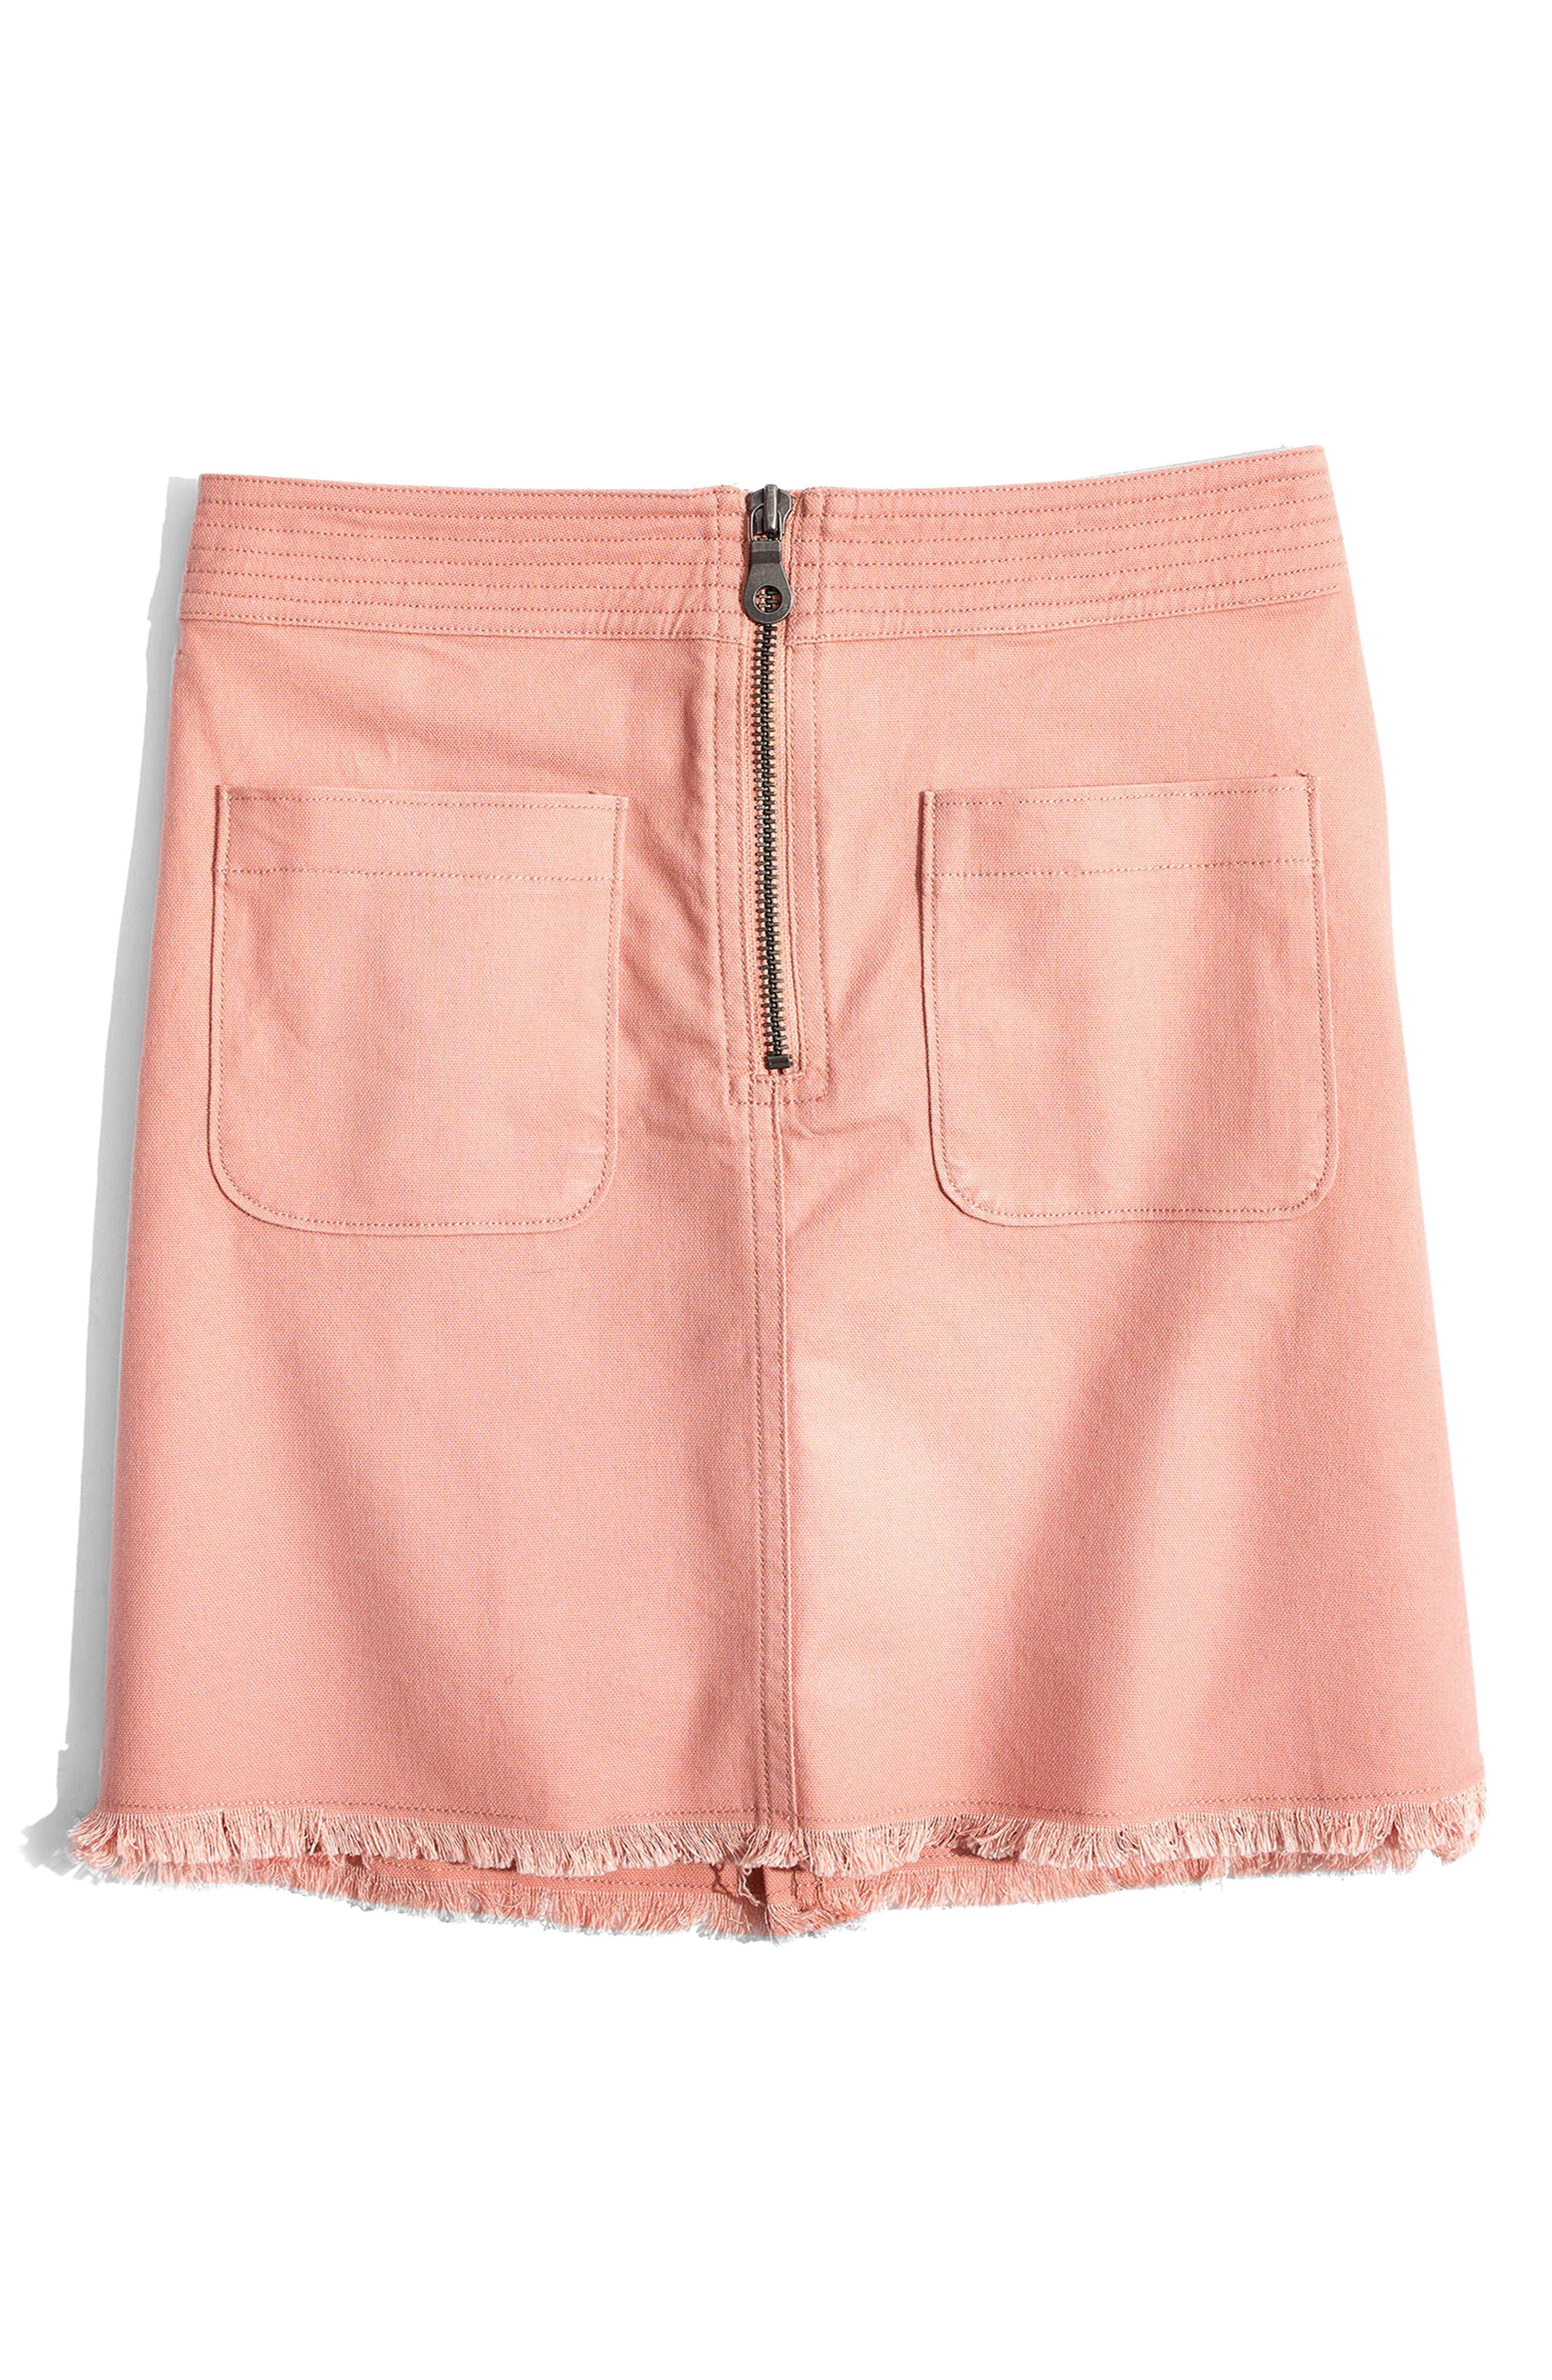 A-Line Zip Skirt,                             Alternate thumbnail 4, color,                             Antique Coral